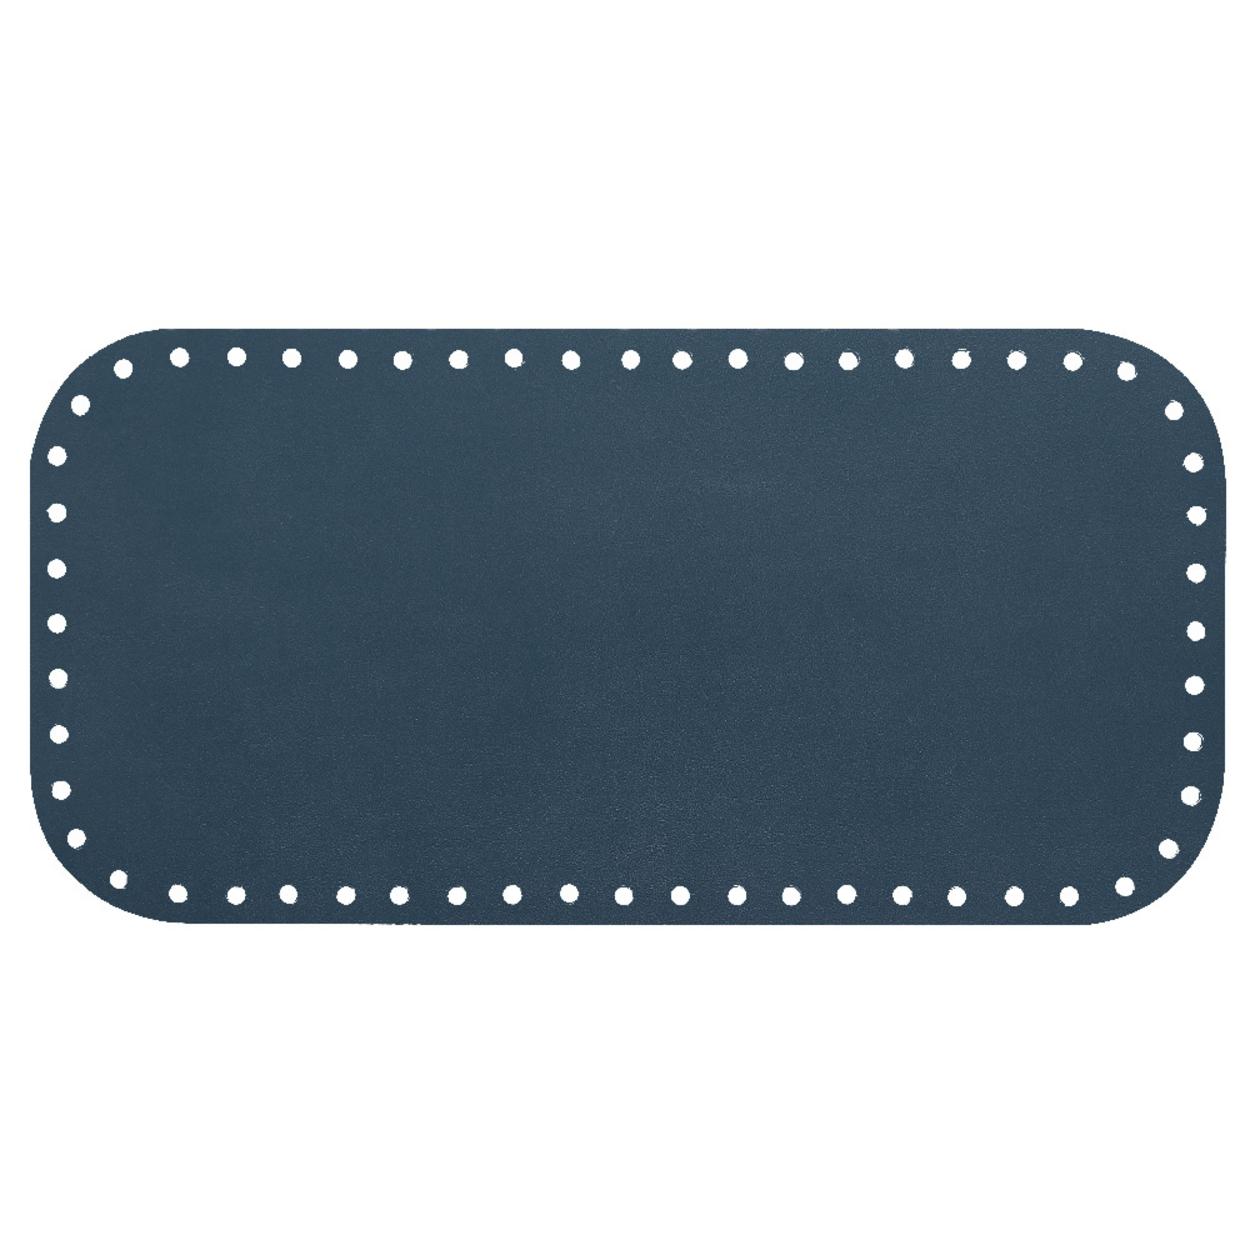 Кожа - Дно для сумки 15 х 30 см. Navy blue